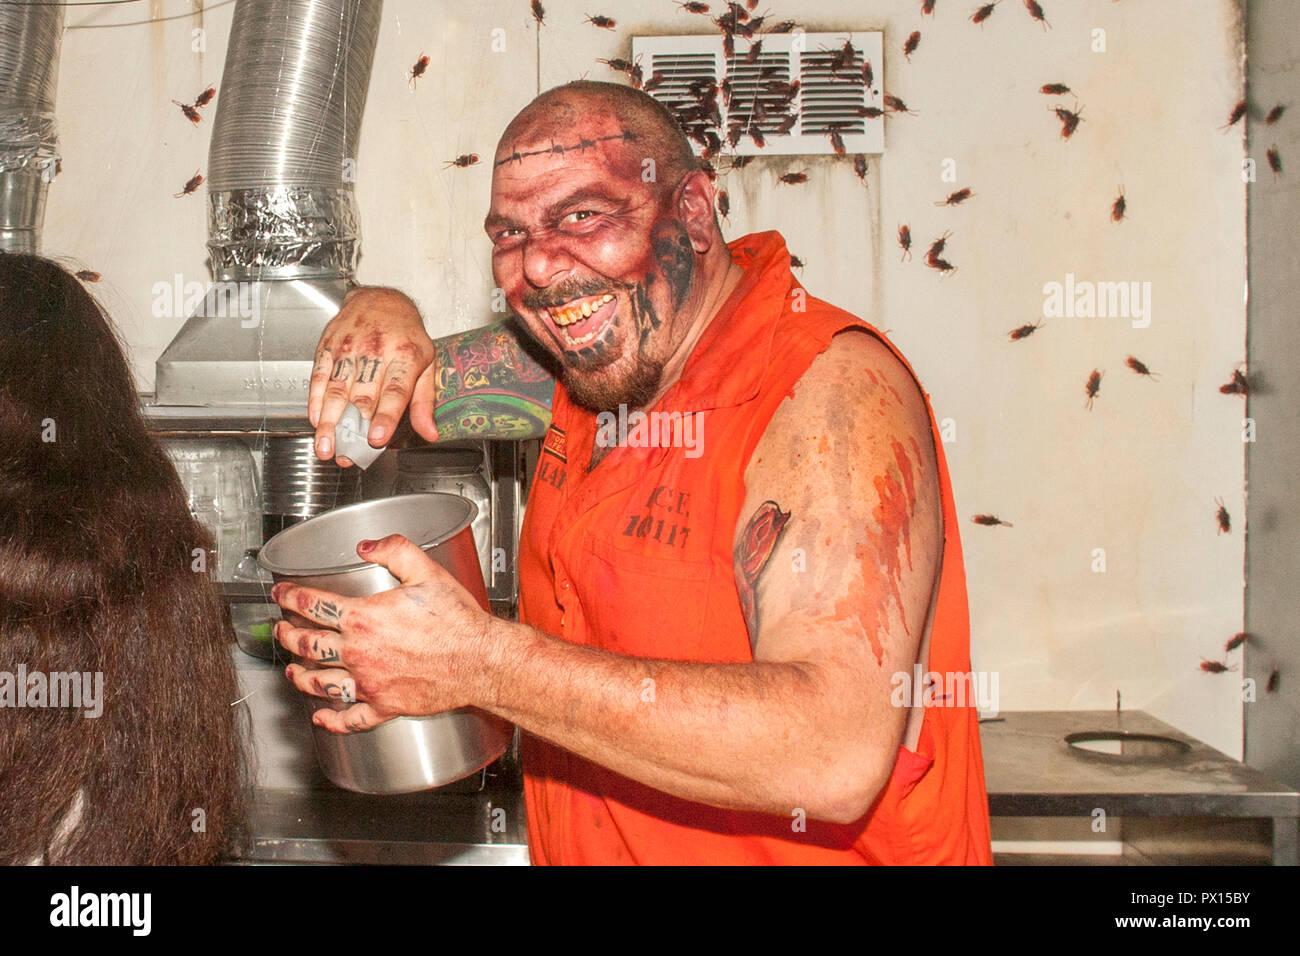 """Con un male ridere, """"prigioniero"""" al diciassettesimo porta Halloween Haunted House in Fullerton, CA, si prepara a infliggere bug sui visitatori. Immagini Stock"""